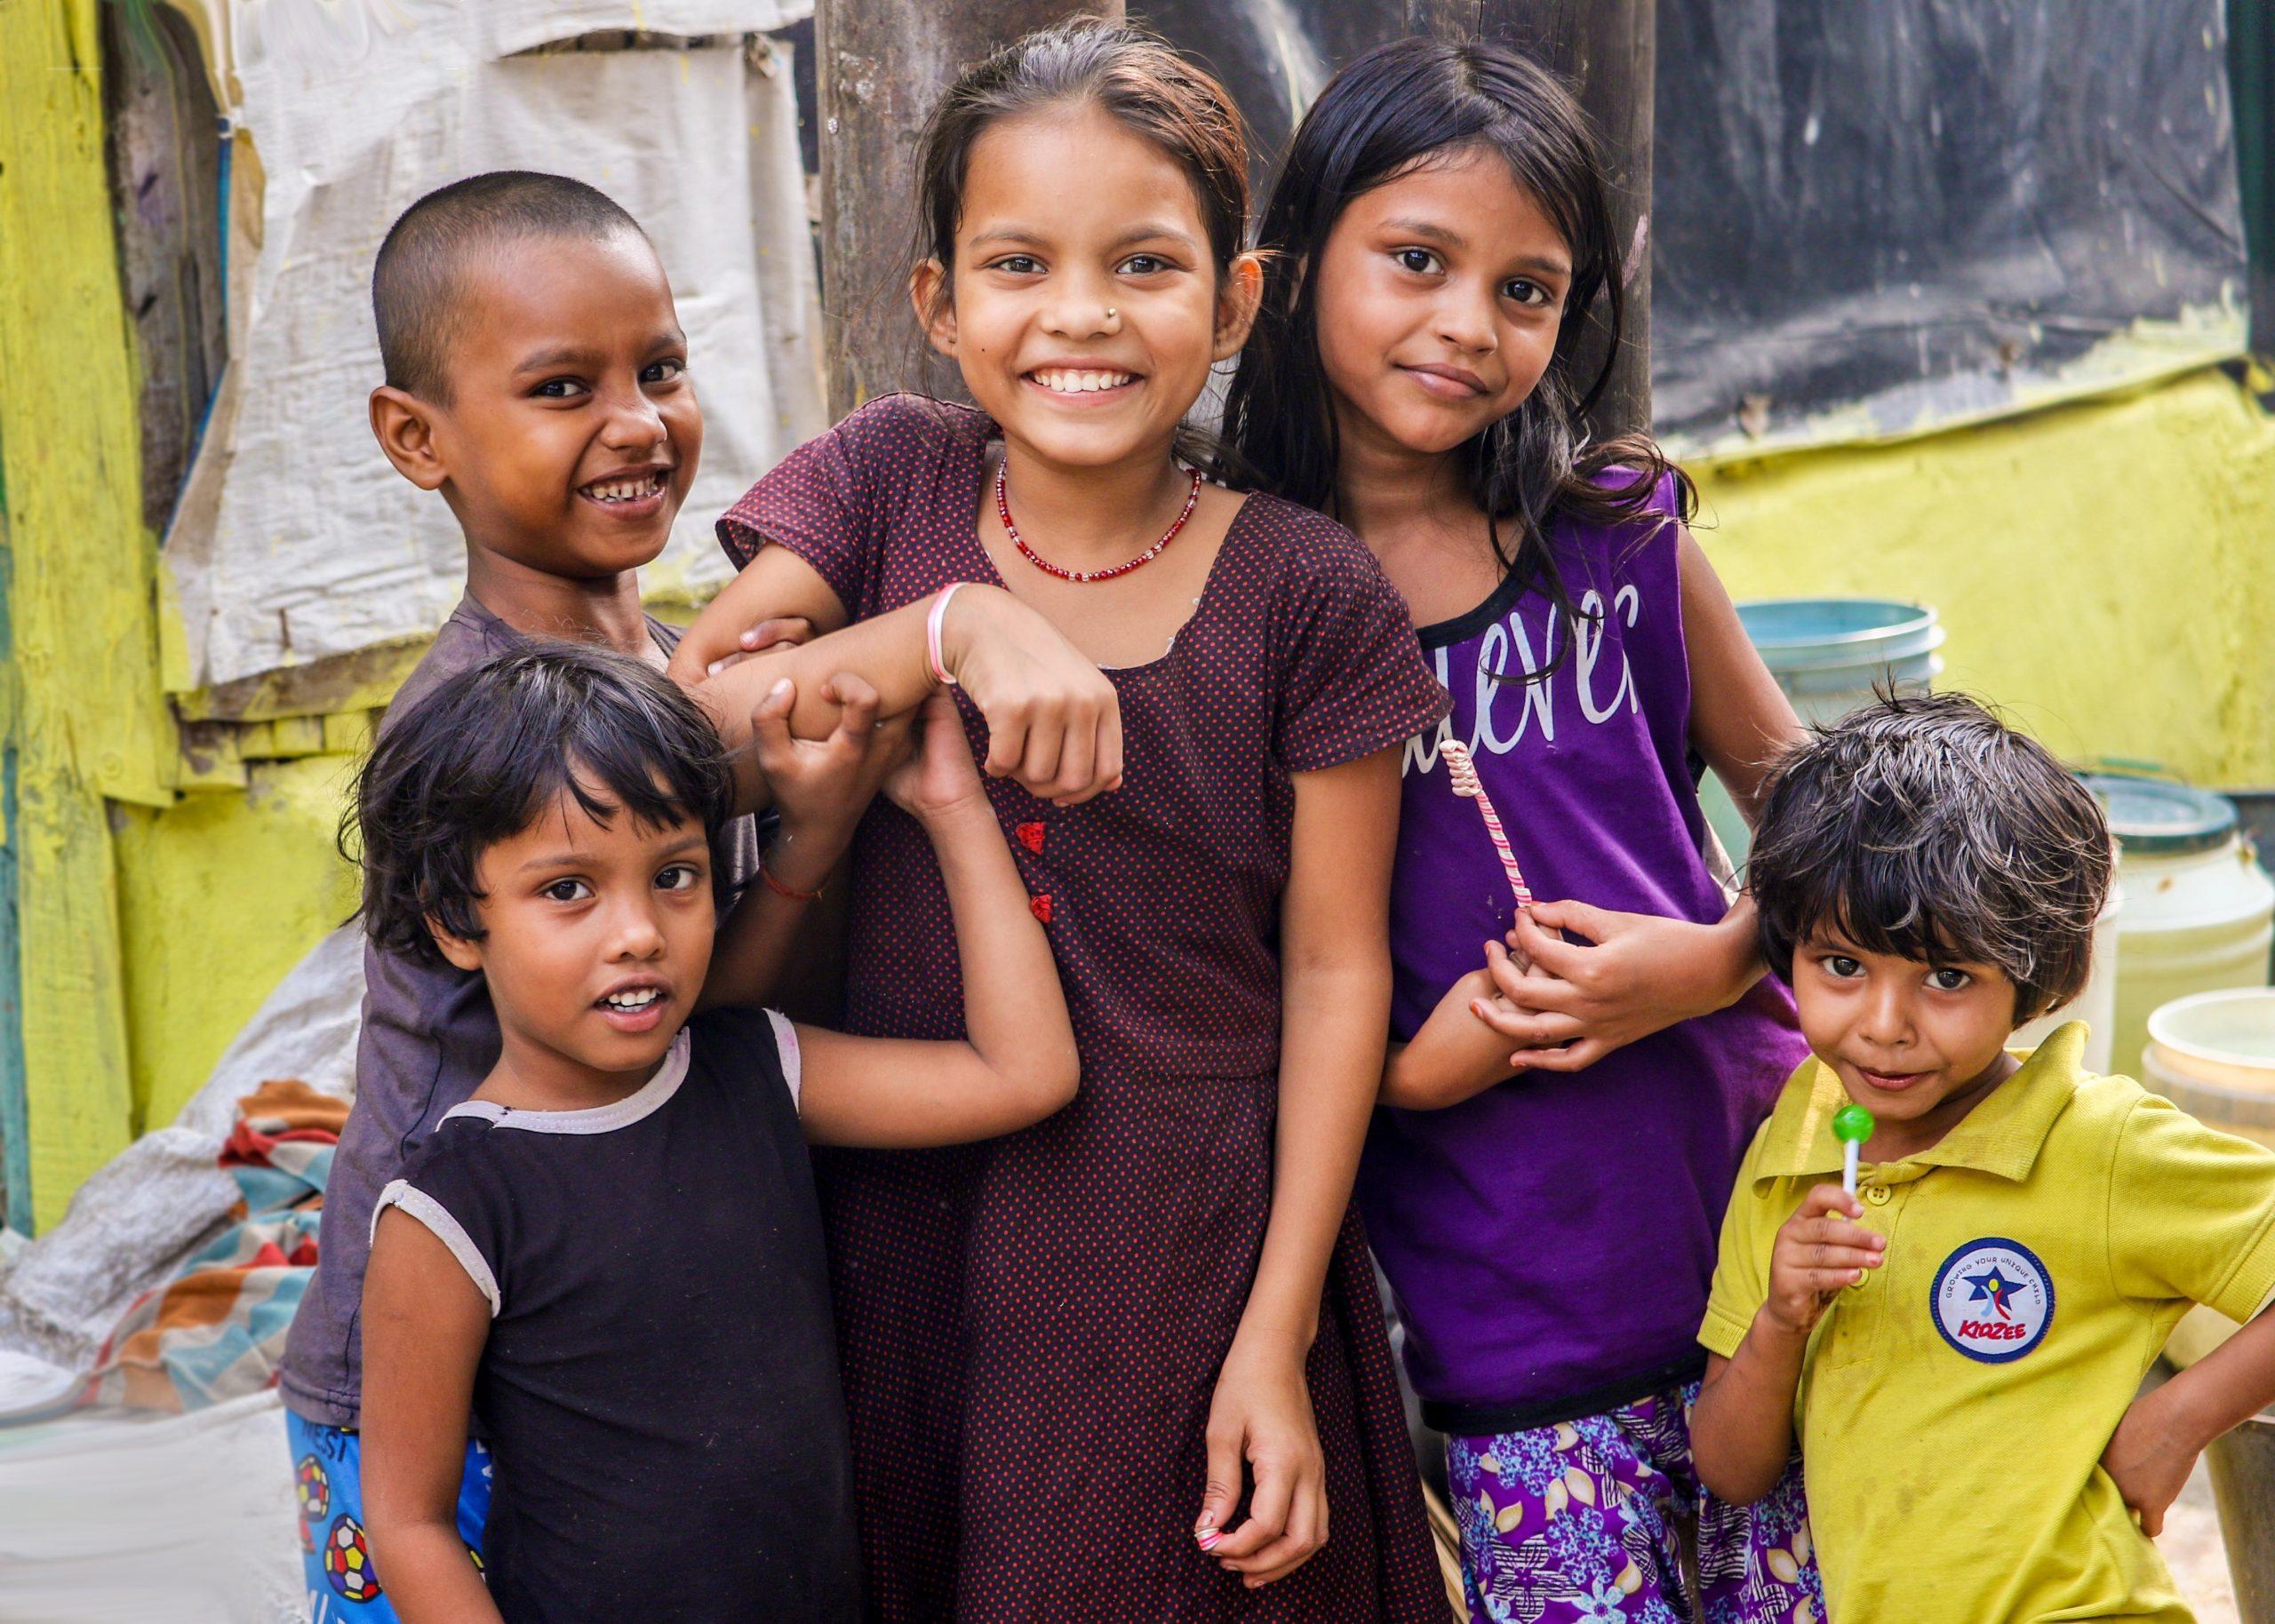 L'unica speranza per i bambini del Brasile sta in questo progetto (e tu puoi contribuire a sostenerlo!)